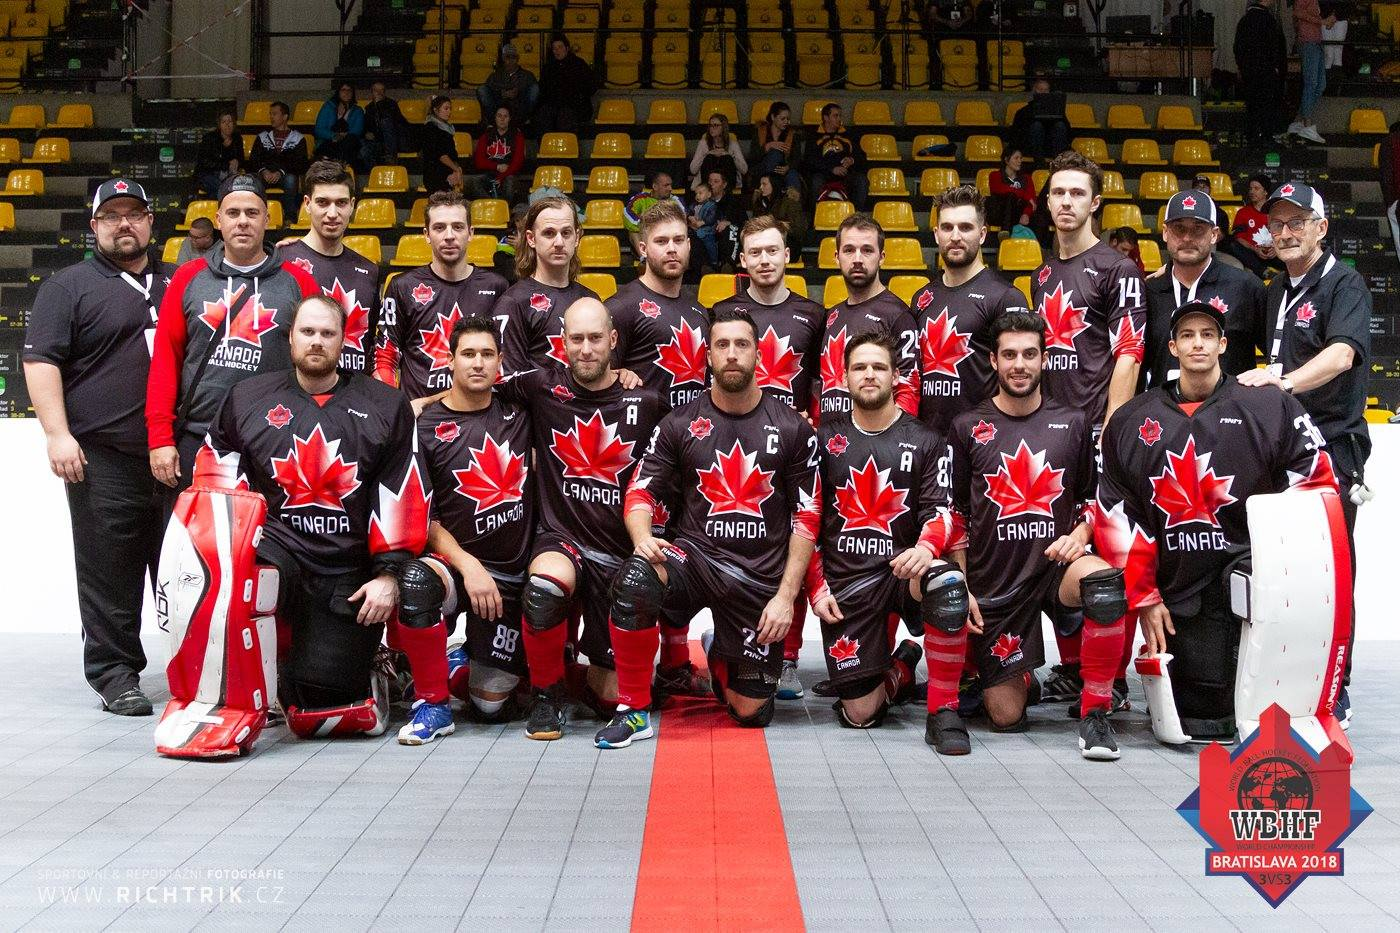 World Ball Hockey Federation | WBHF